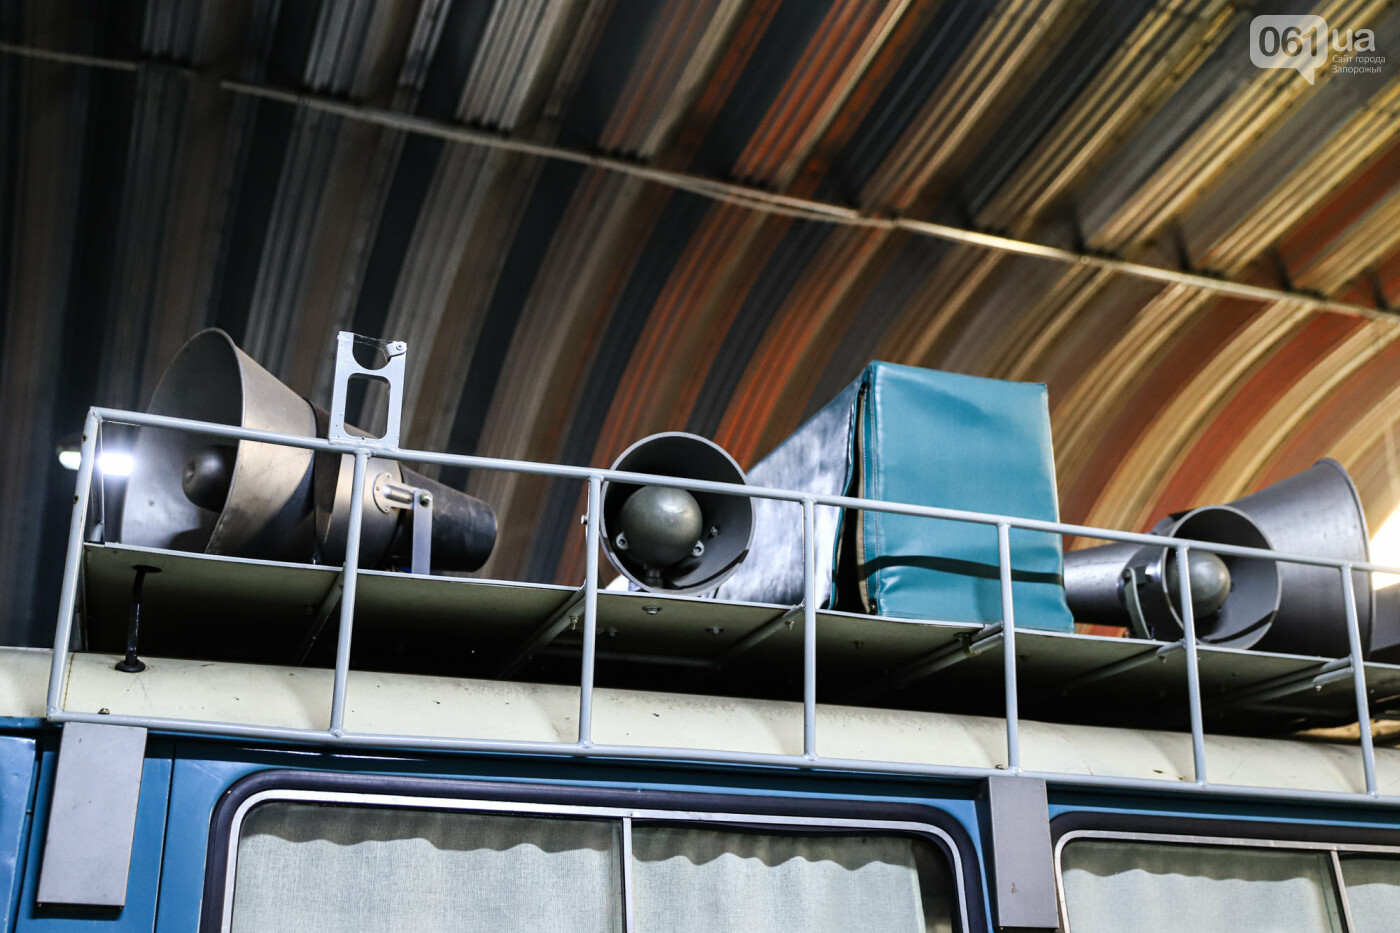 В Запорожье на месте зеленхоза одного из заводов появится Музей специального транспорта, - ФОТОРЕПОРТАЖ, фото-5